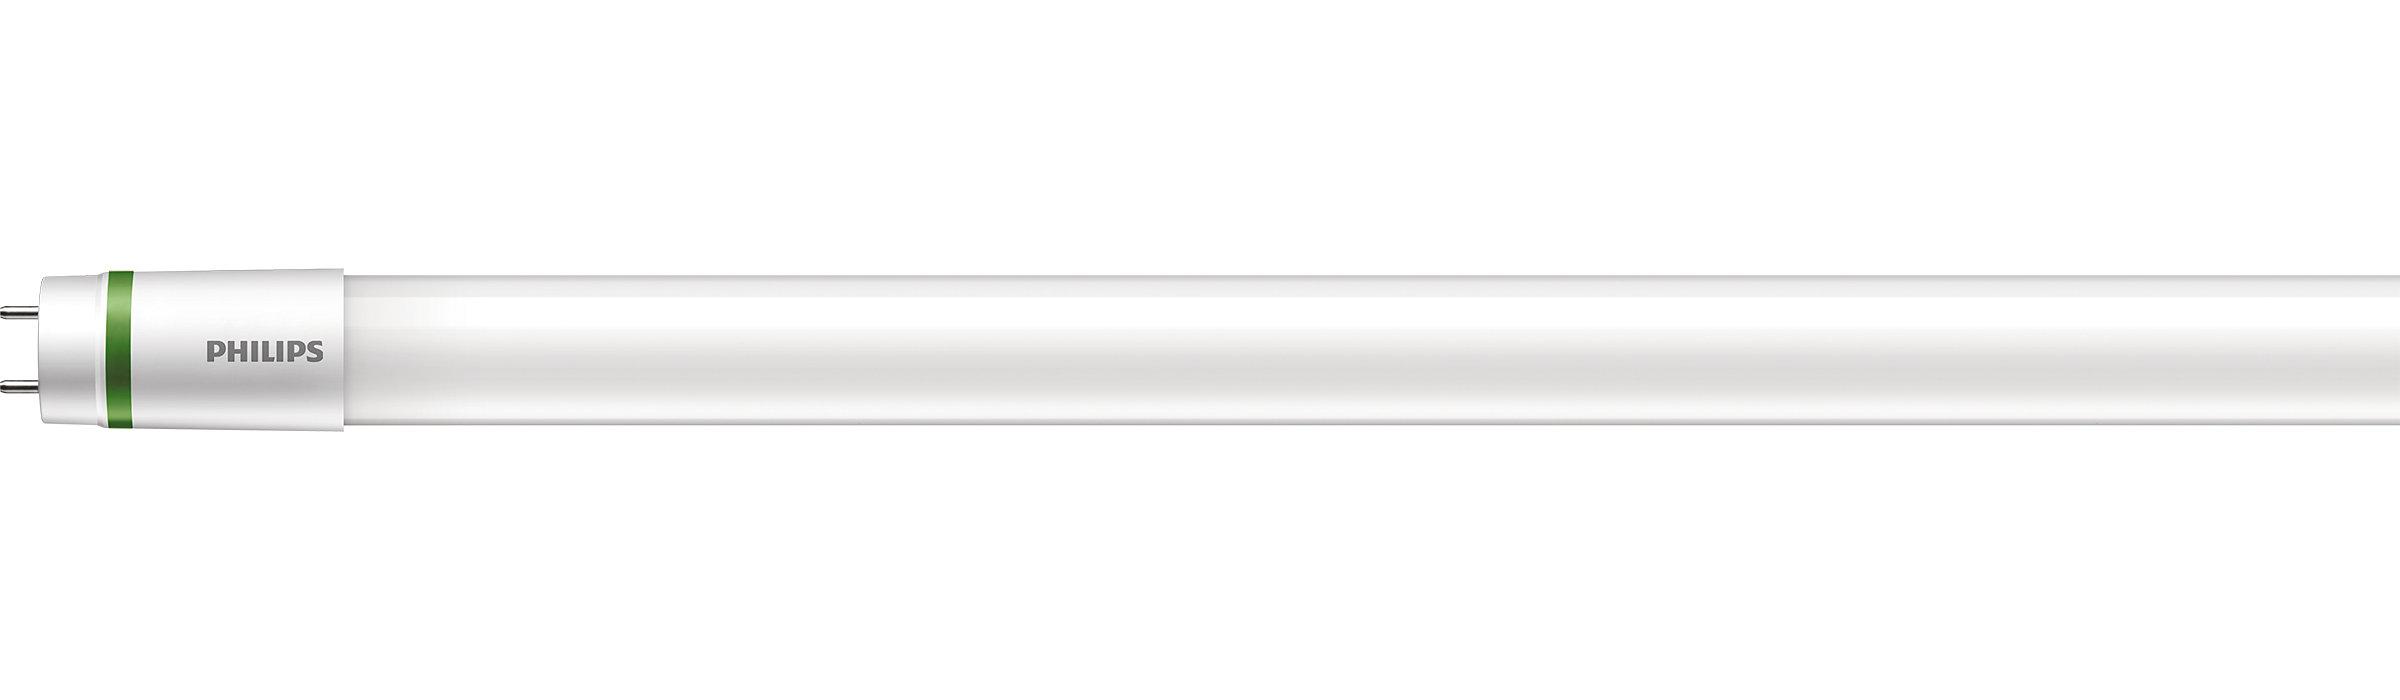 Die energieeffiziente Alternative zu T8-Leuchtstofflampen für den professionellen Anwender